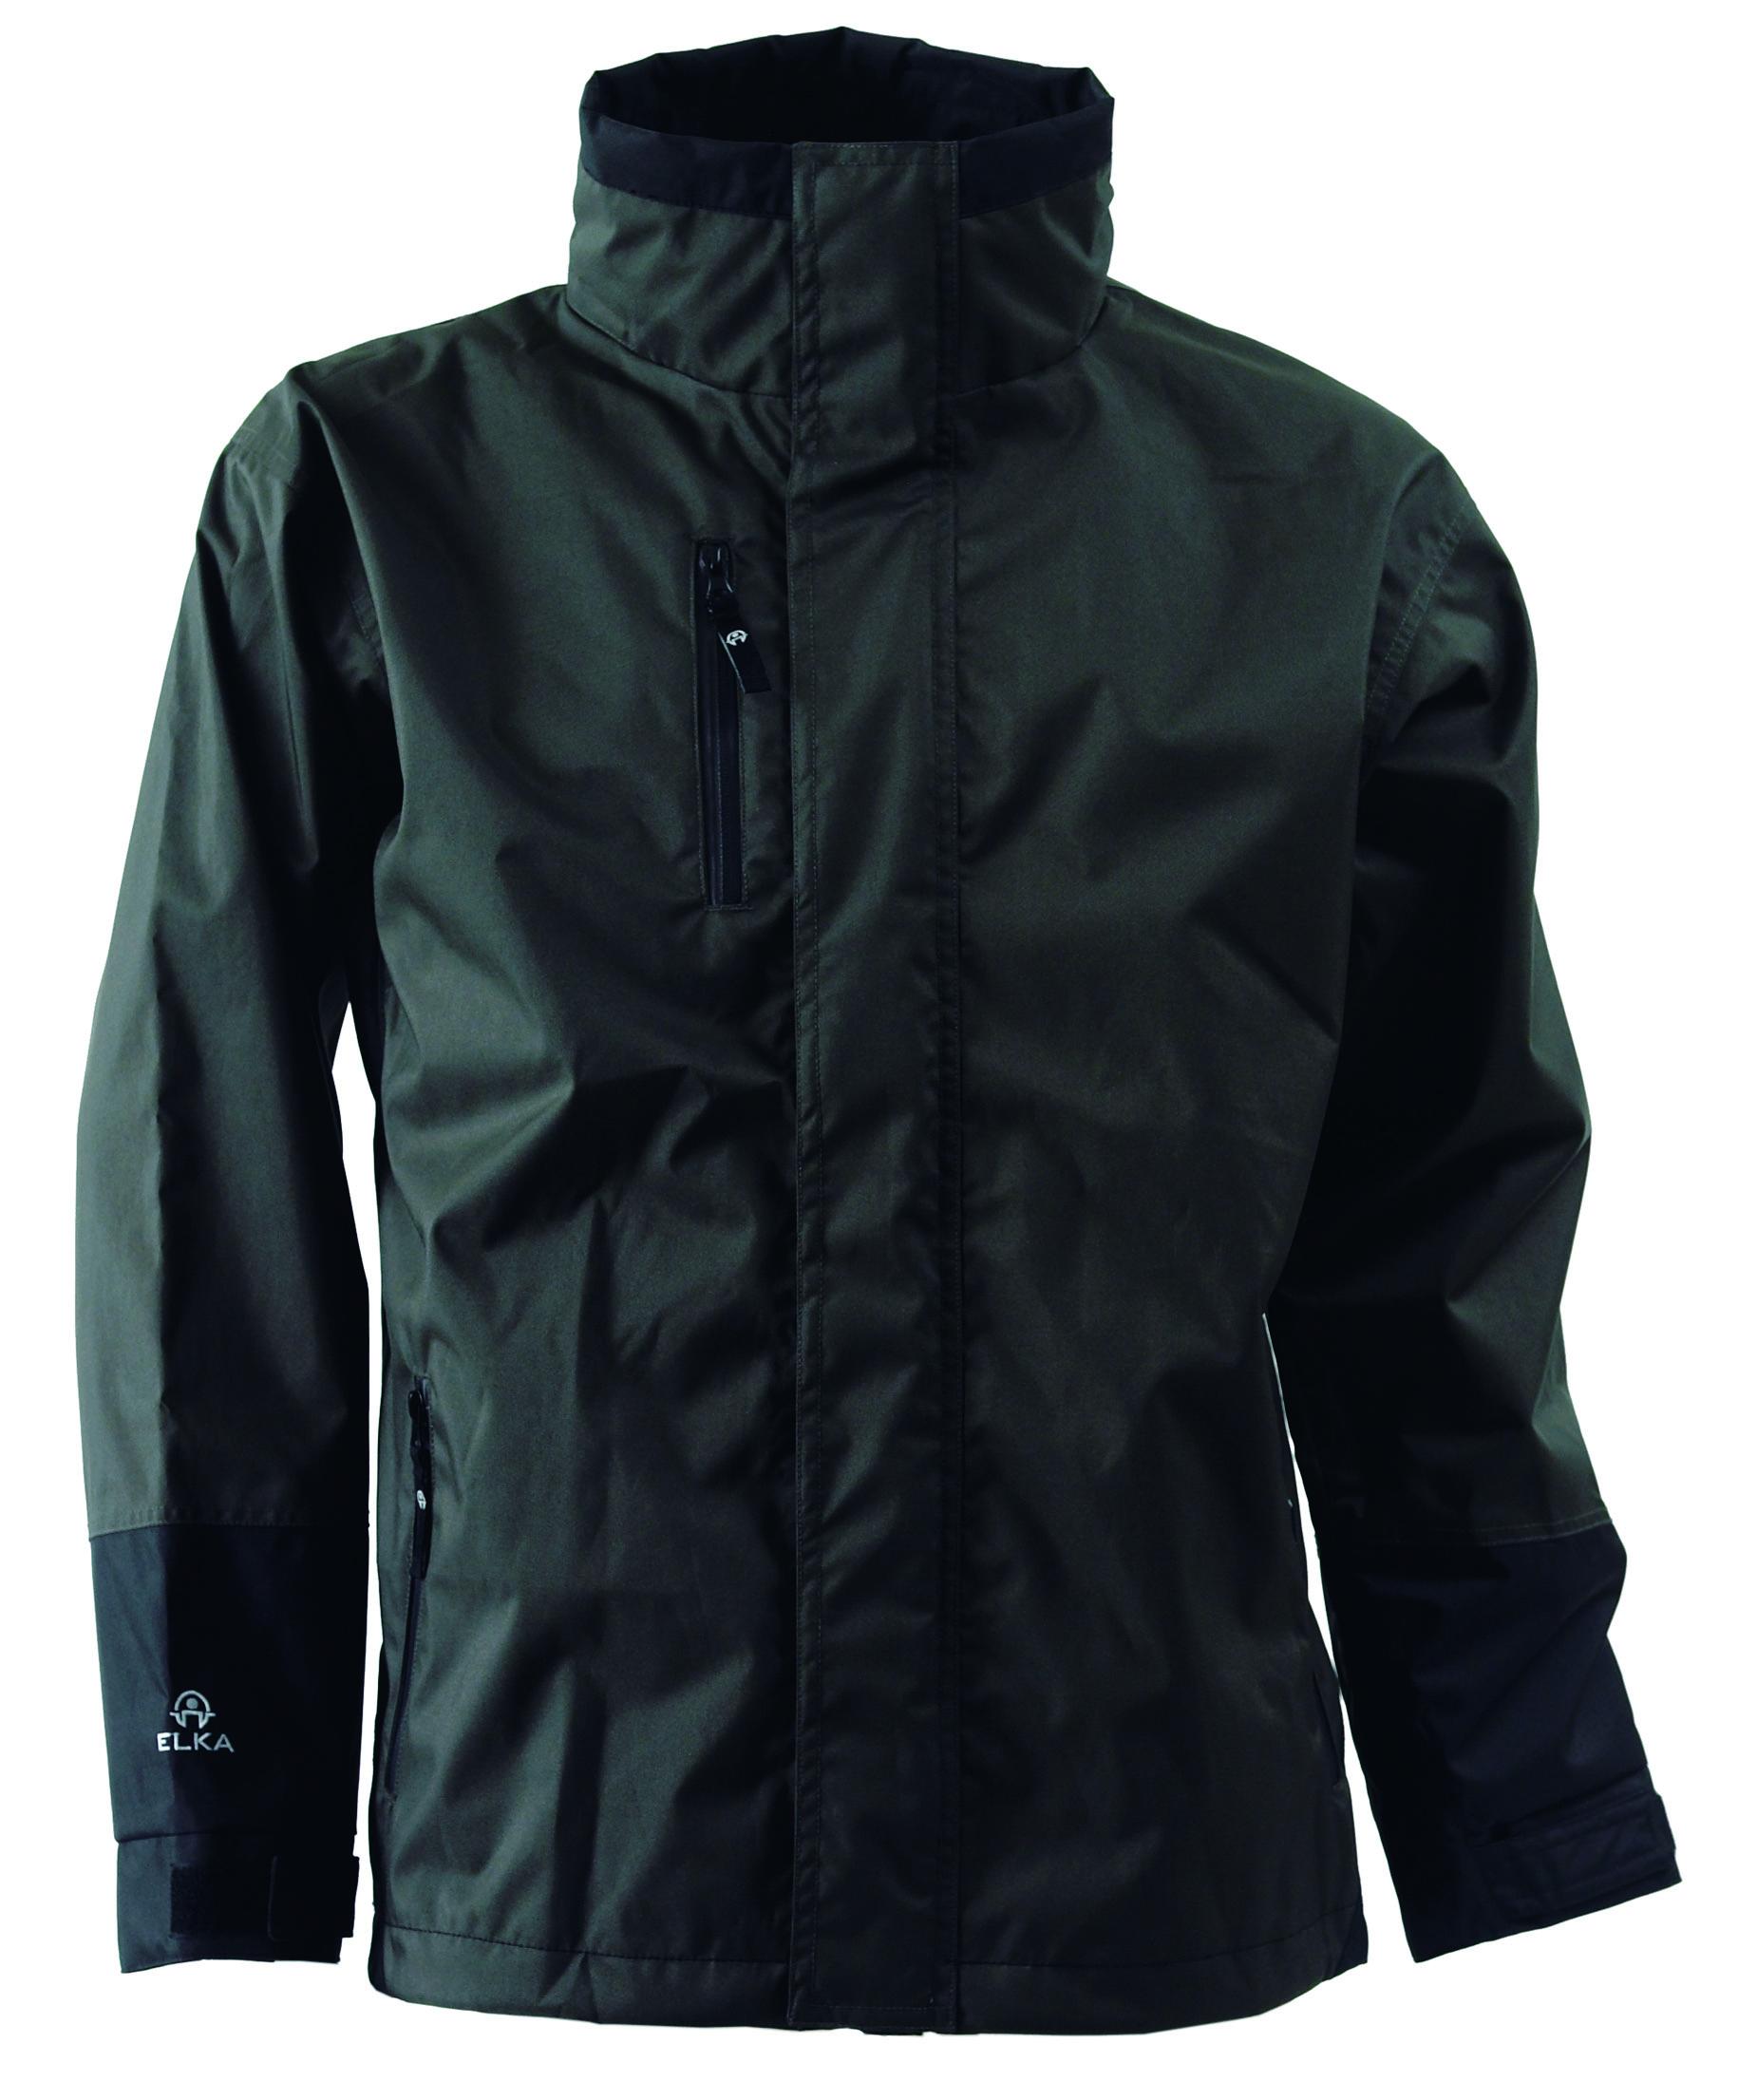 086002053L - Working Xtreme Jacket Image